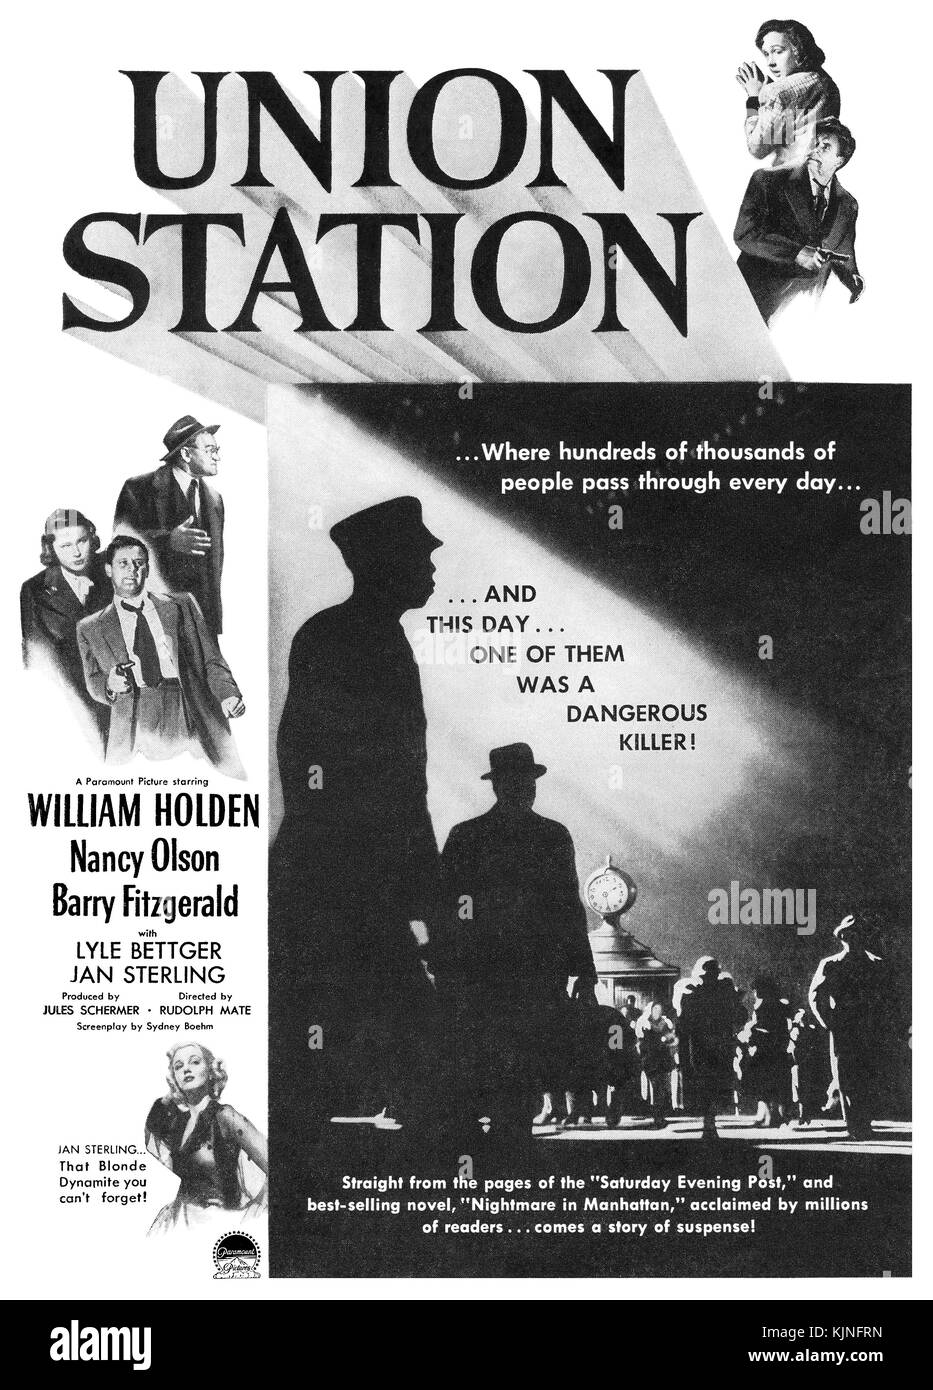 1950 US-Werbung für die Paramount Film Union Station, starring: William Holden, Nancy Olson und Barry Fitzgerald. Stockbild